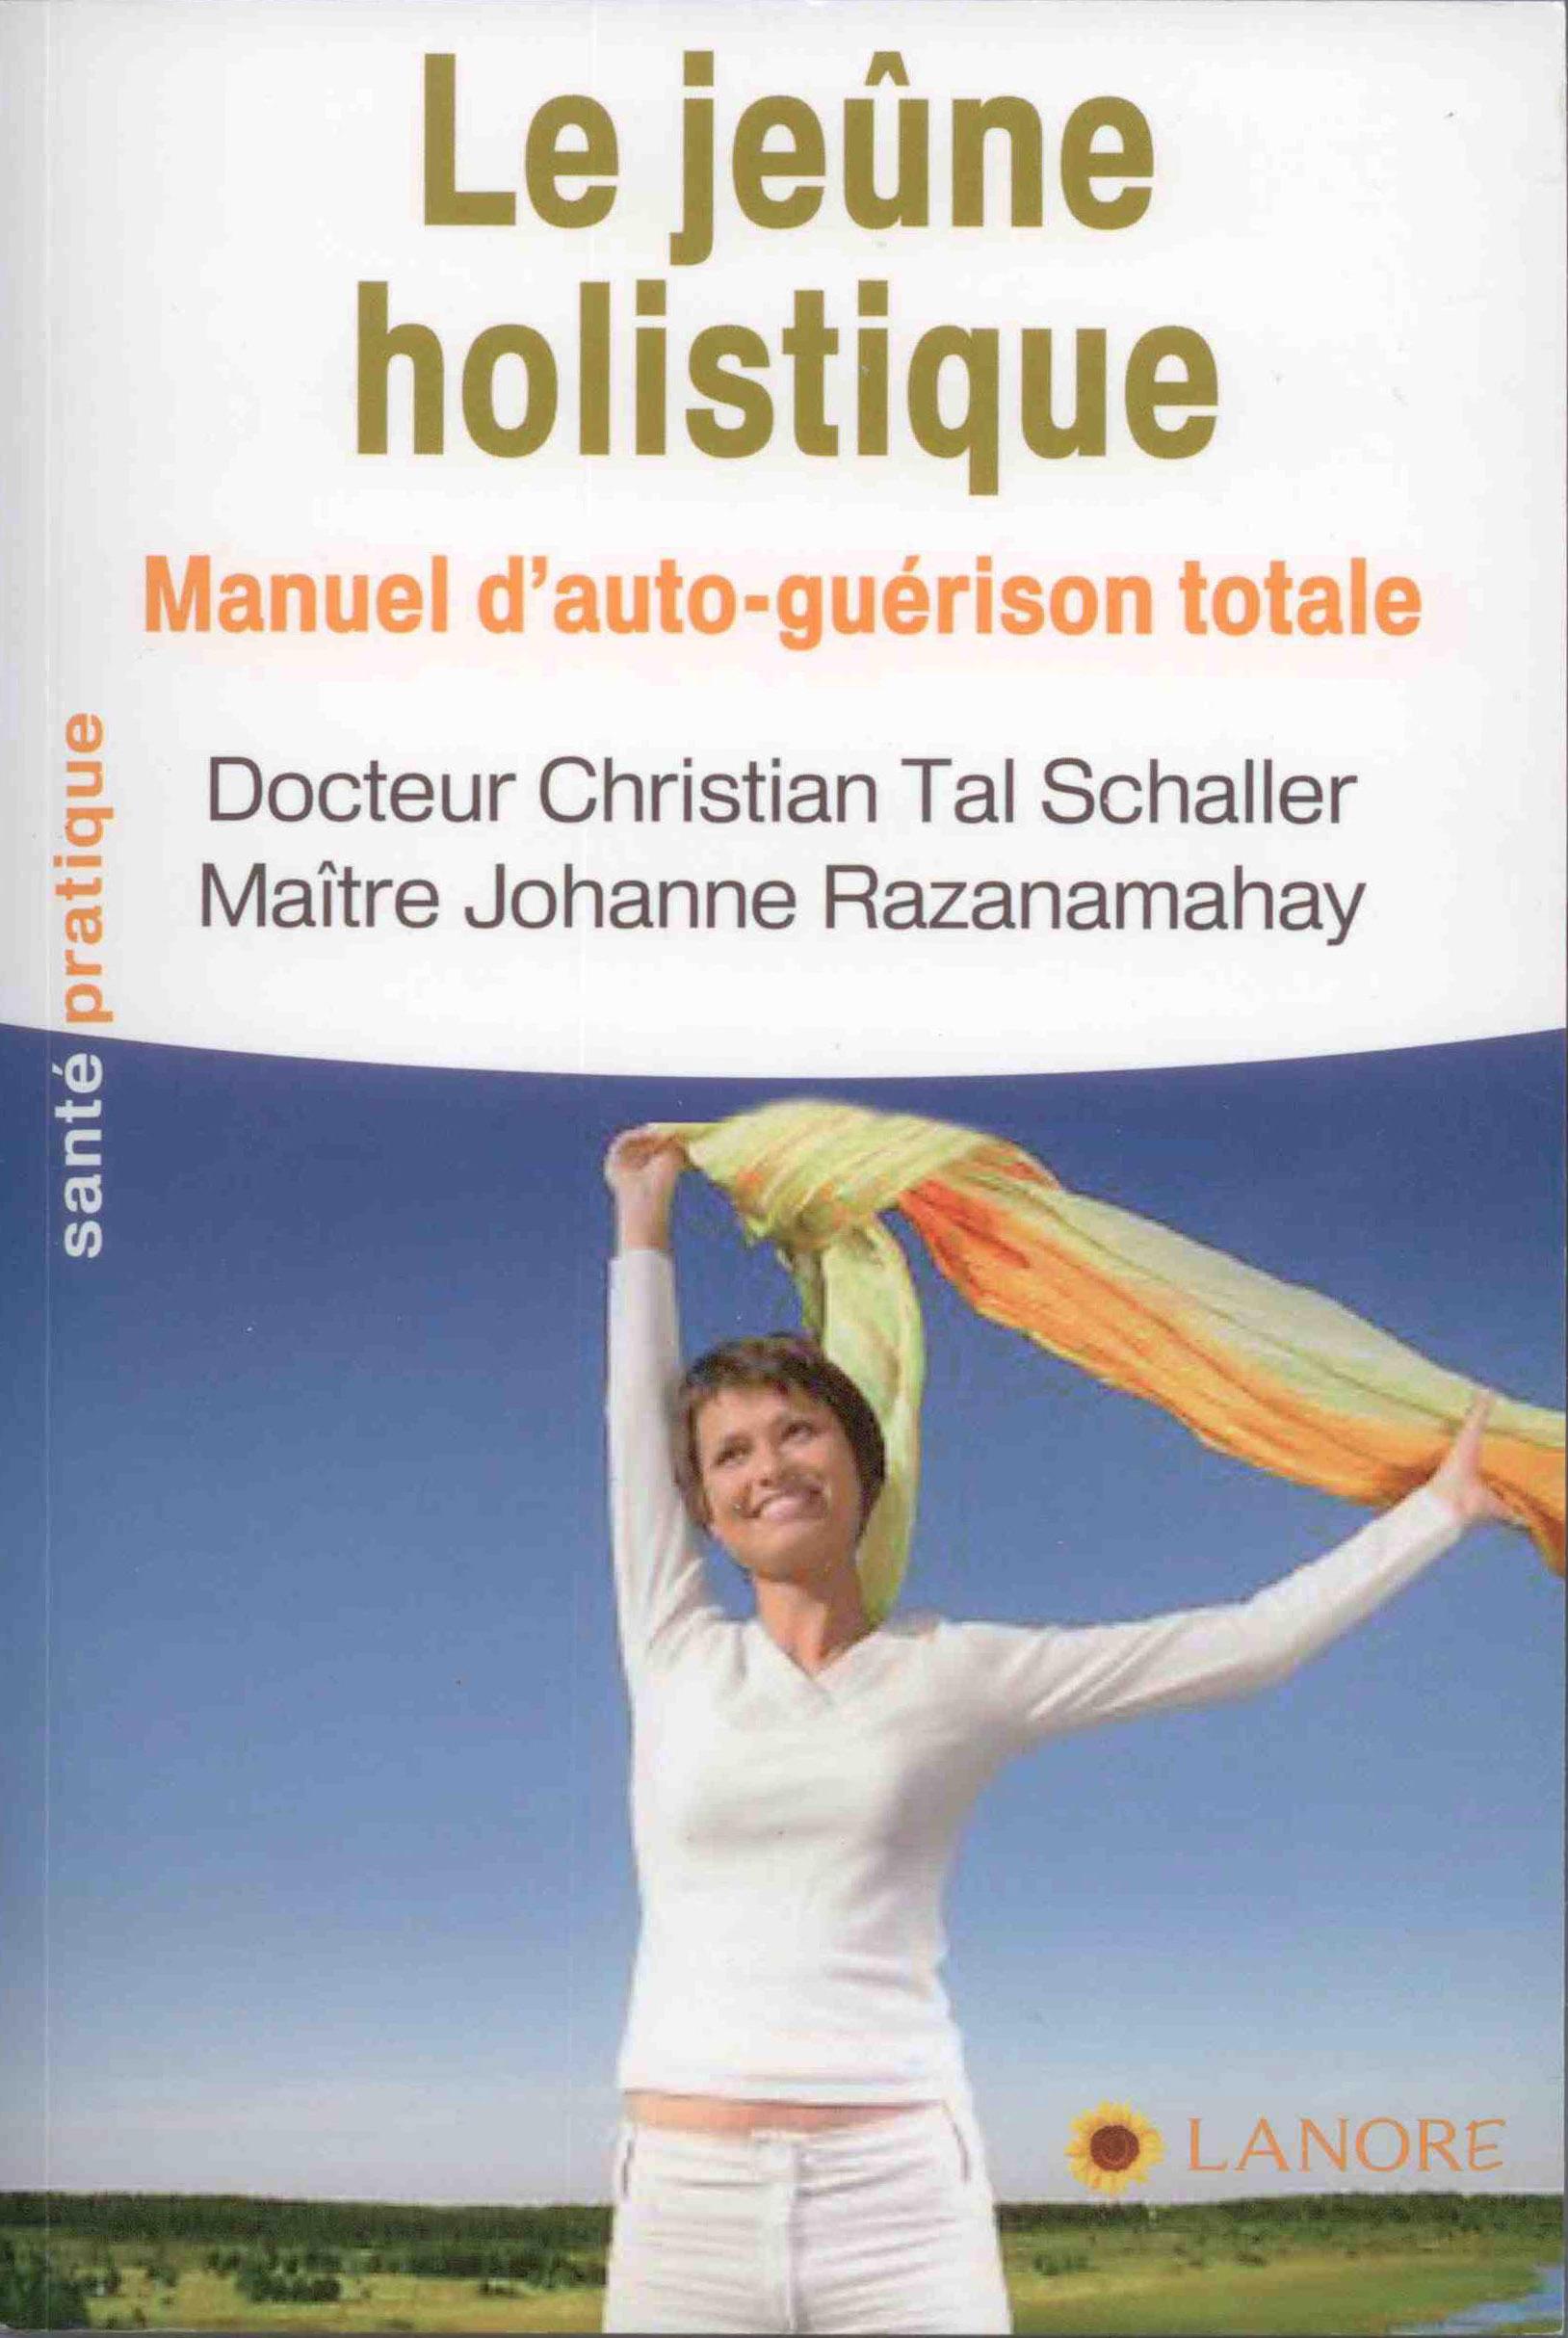 Le jeûne holistique - Manuel d'auto-guérison totale